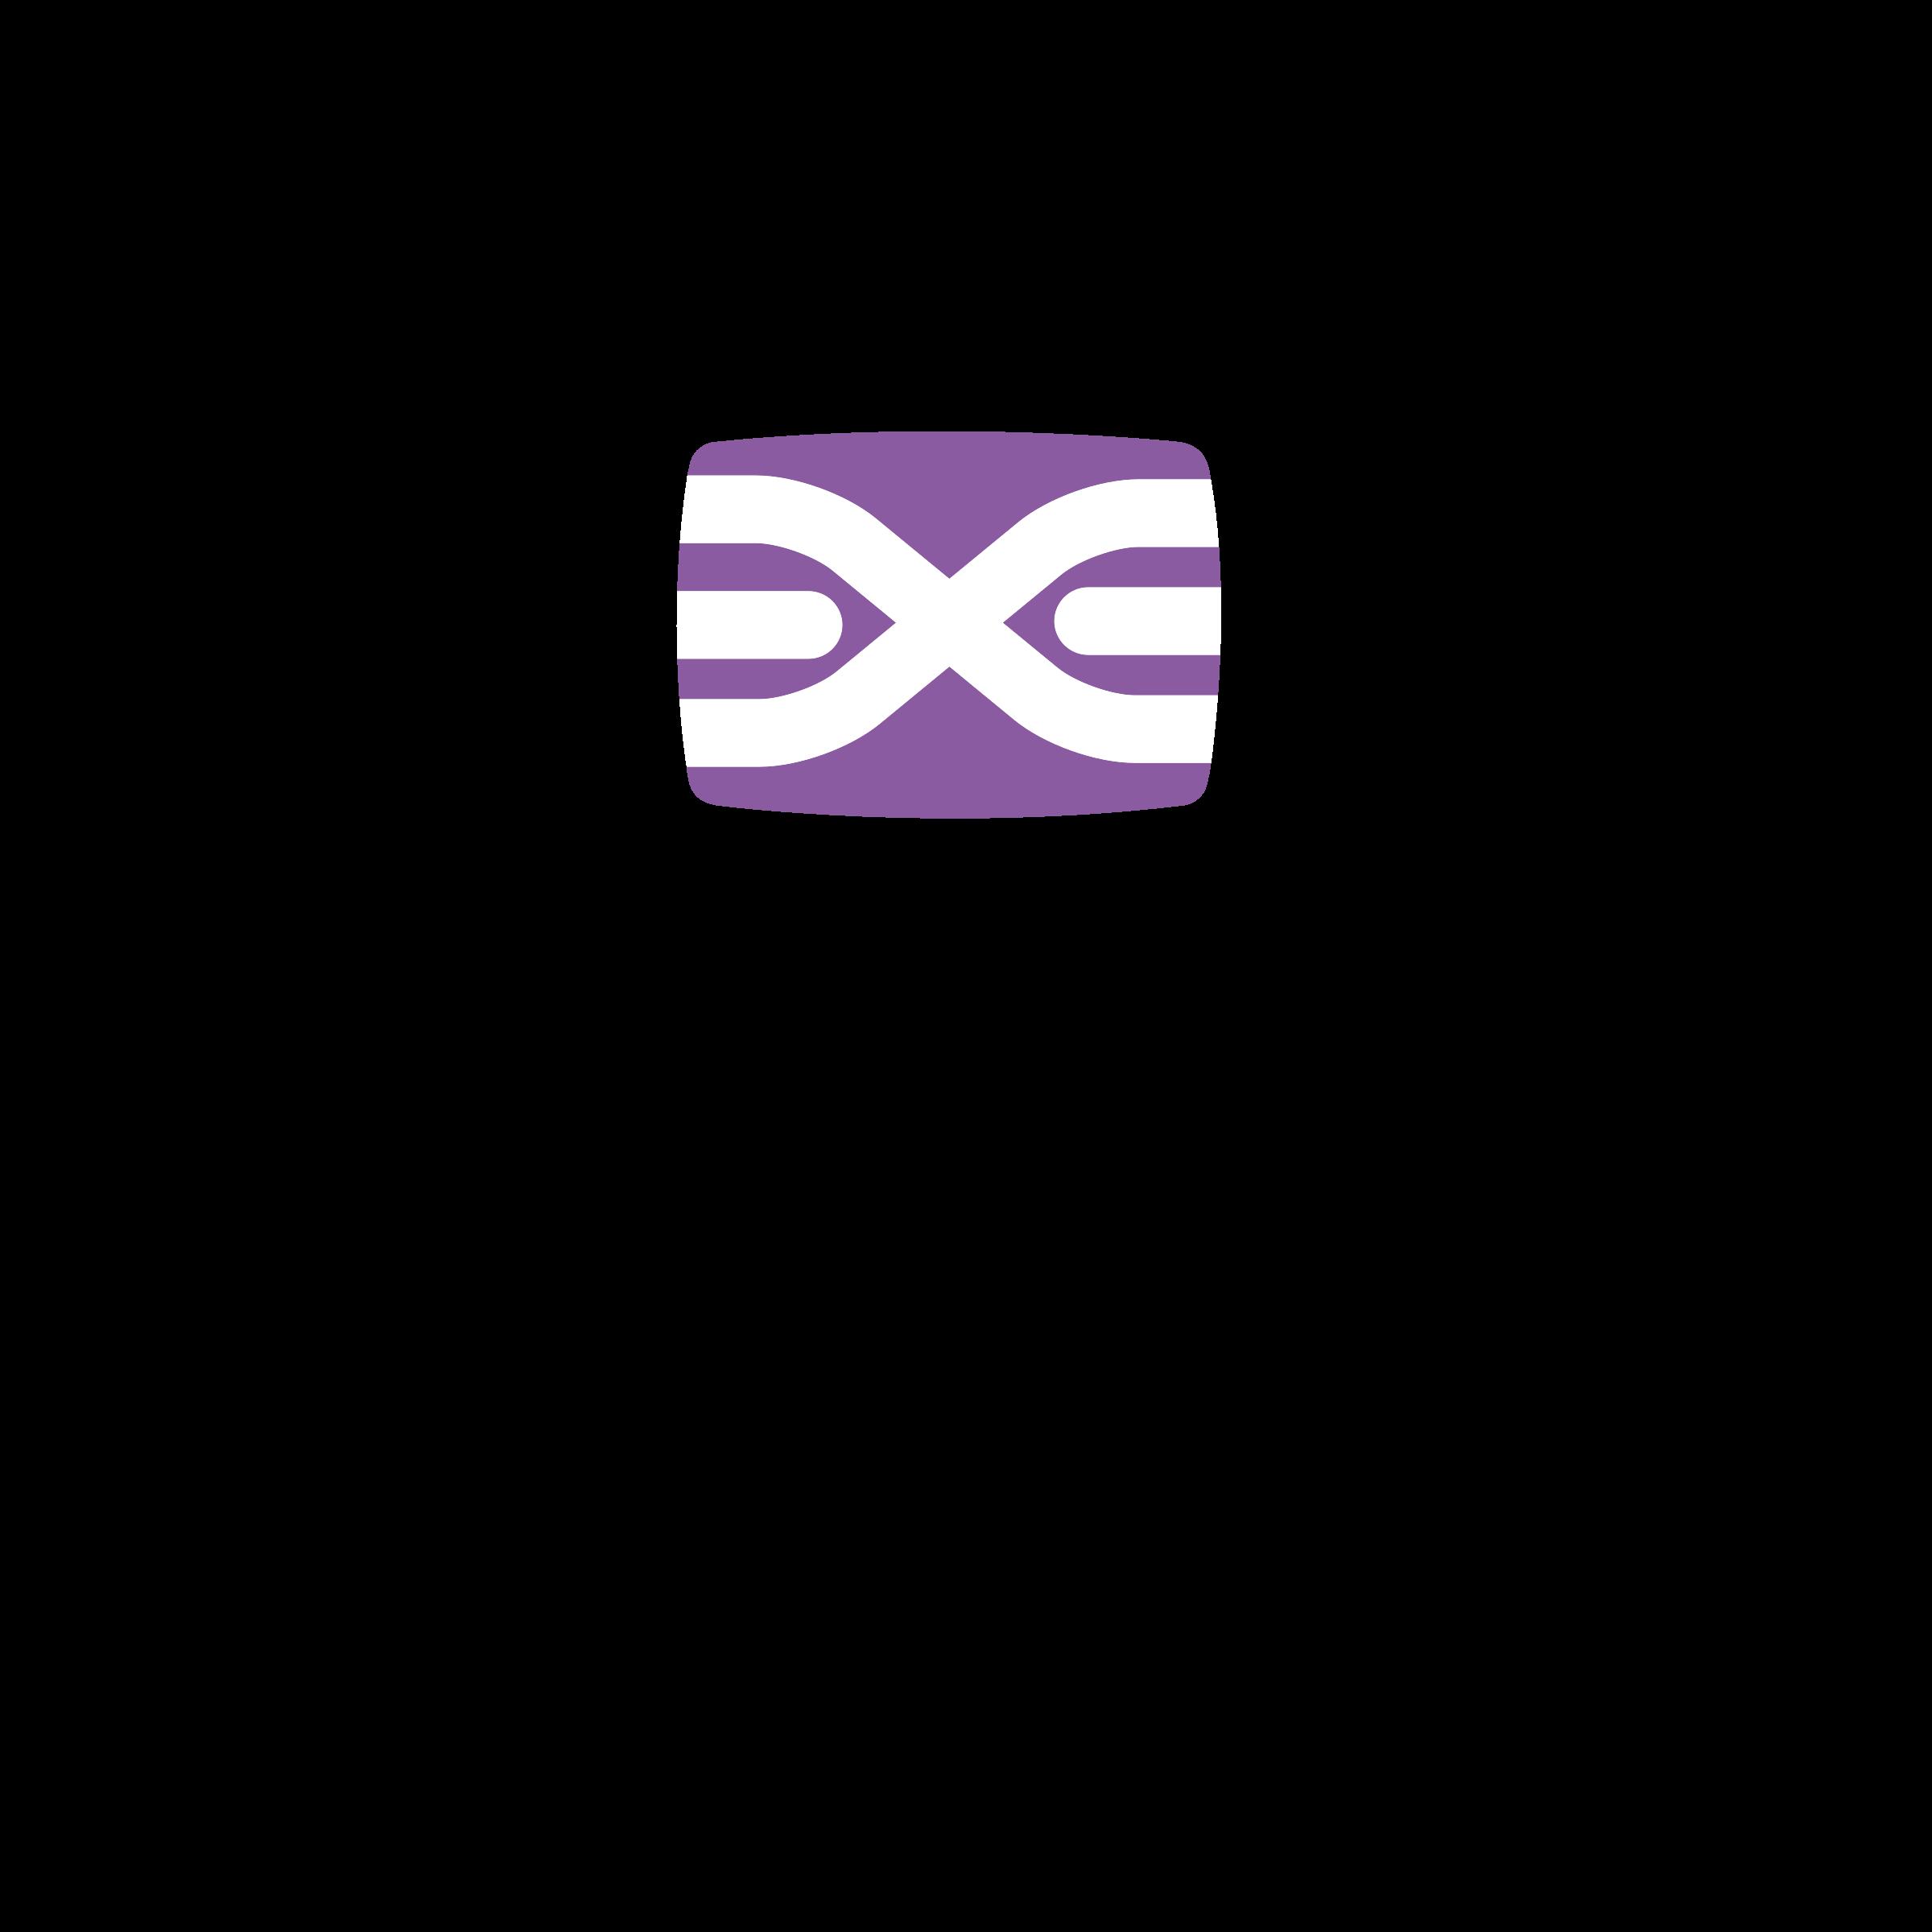 Emulex Logo Png in 2020 Logo pdf, Png, Free logo